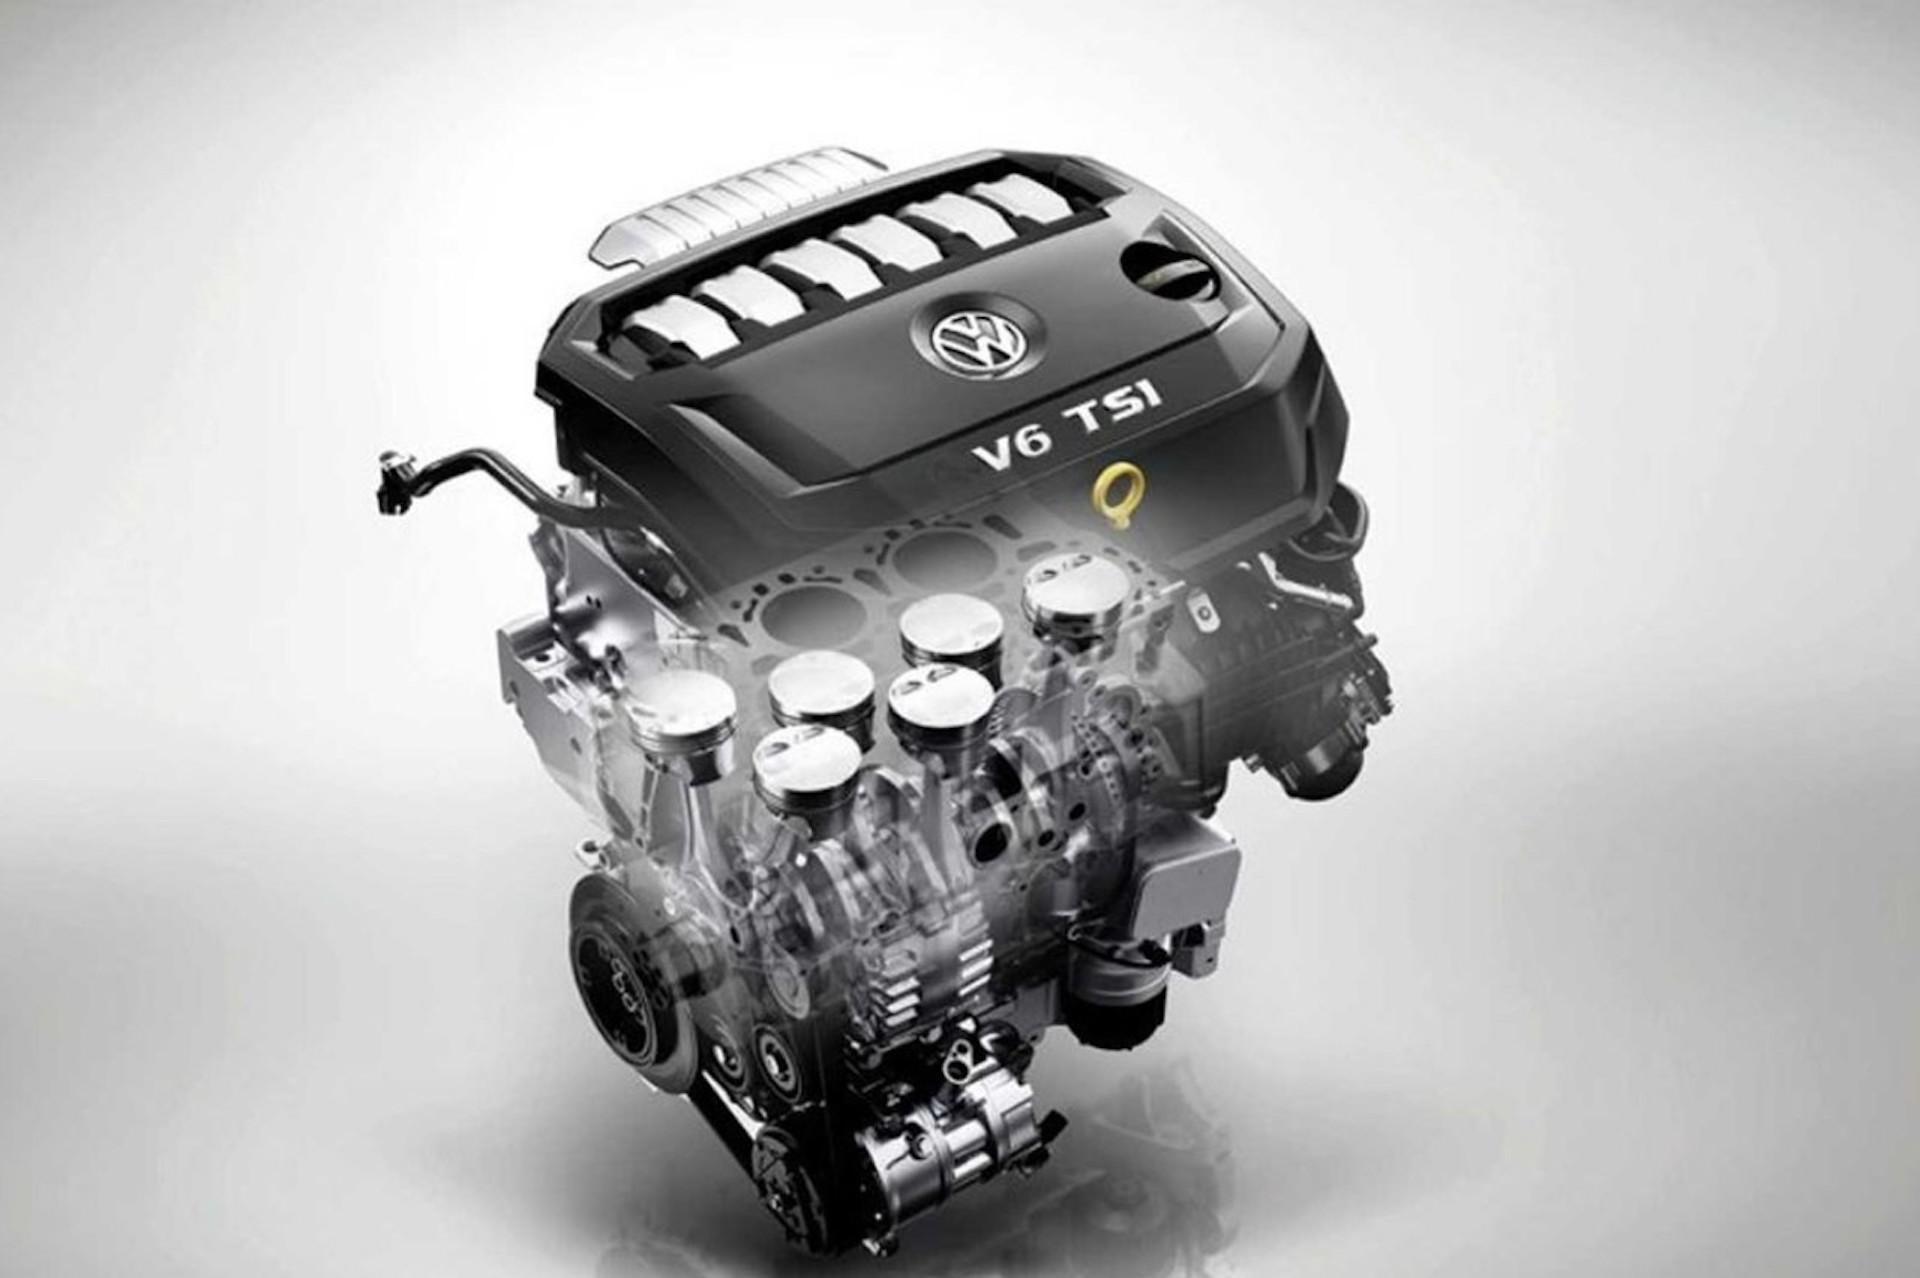 Volkswagen Motor Vr6 China 1